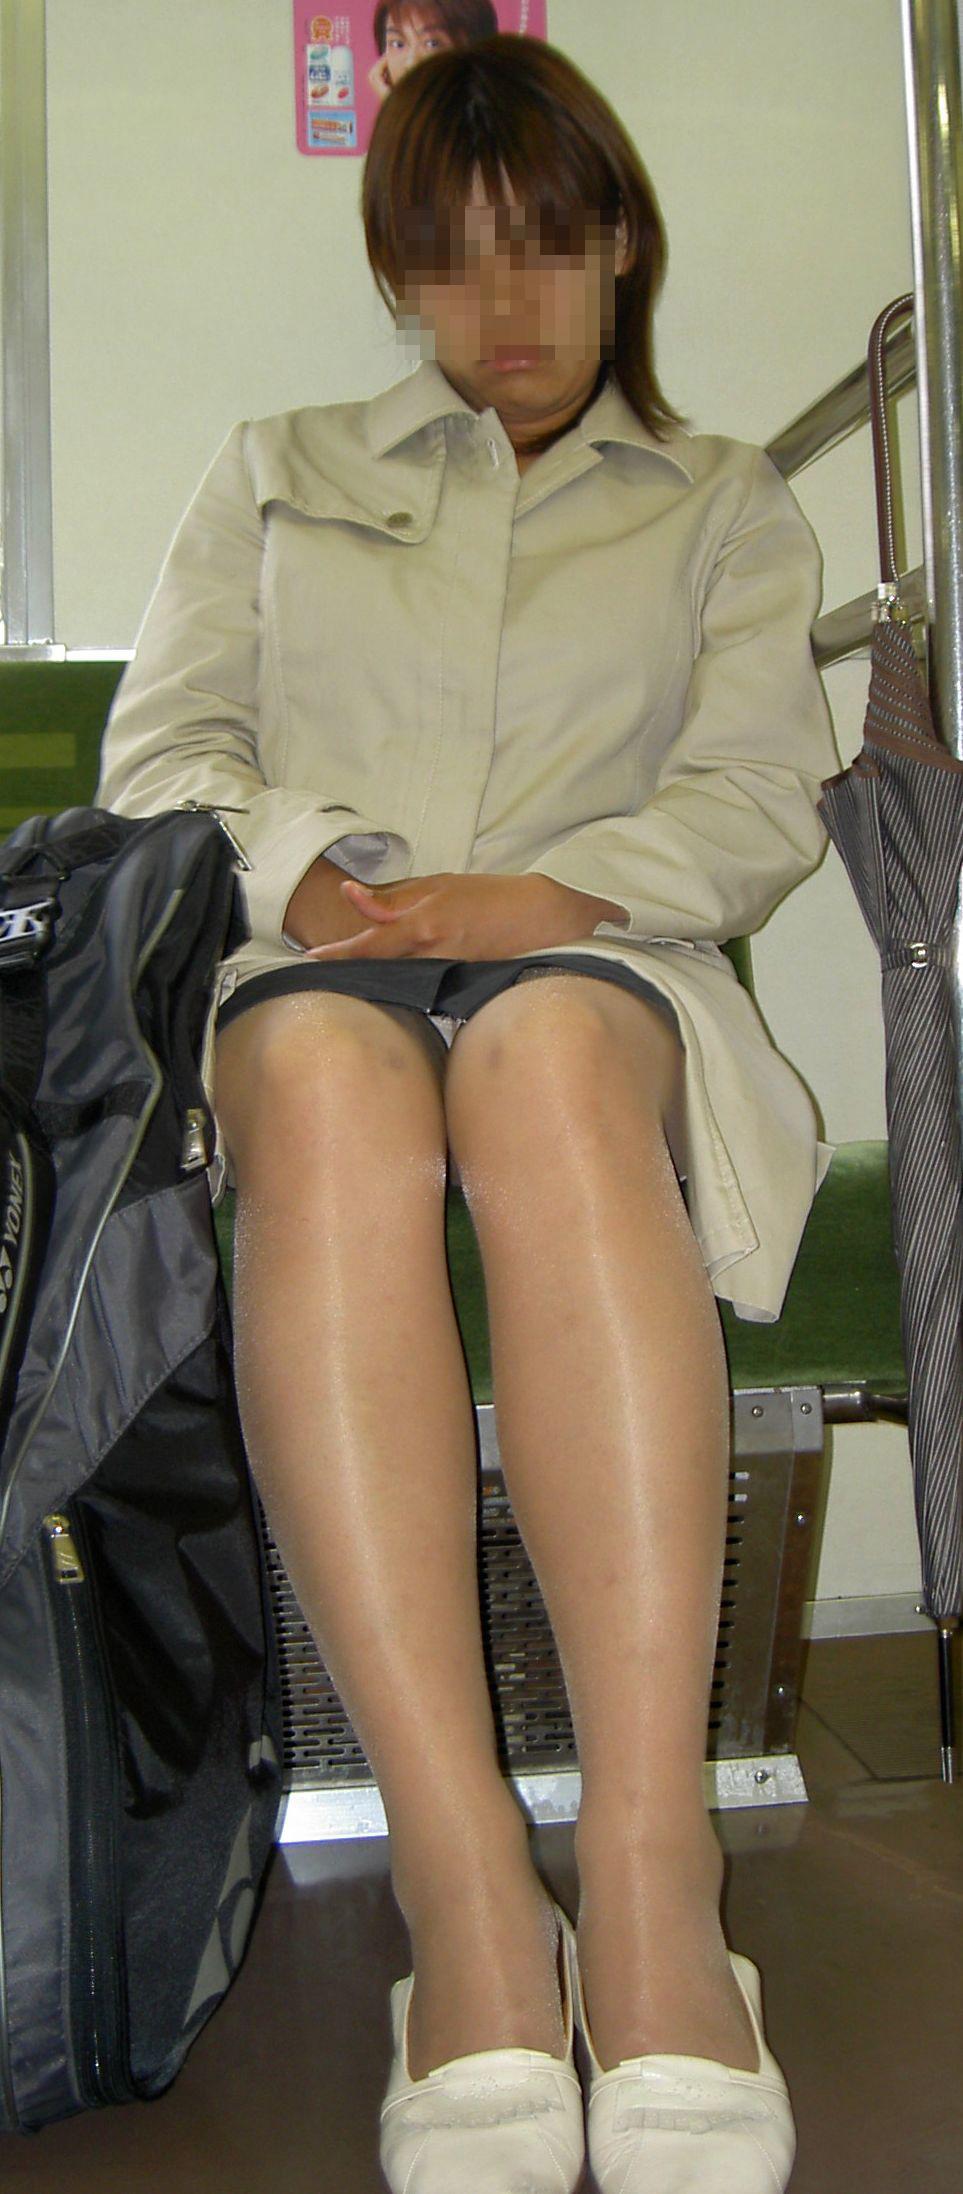 【パンチラエロ画像】電車に乗ったら目撃できるかどうかで気分も変わる対面パンチラ(;・∀・)